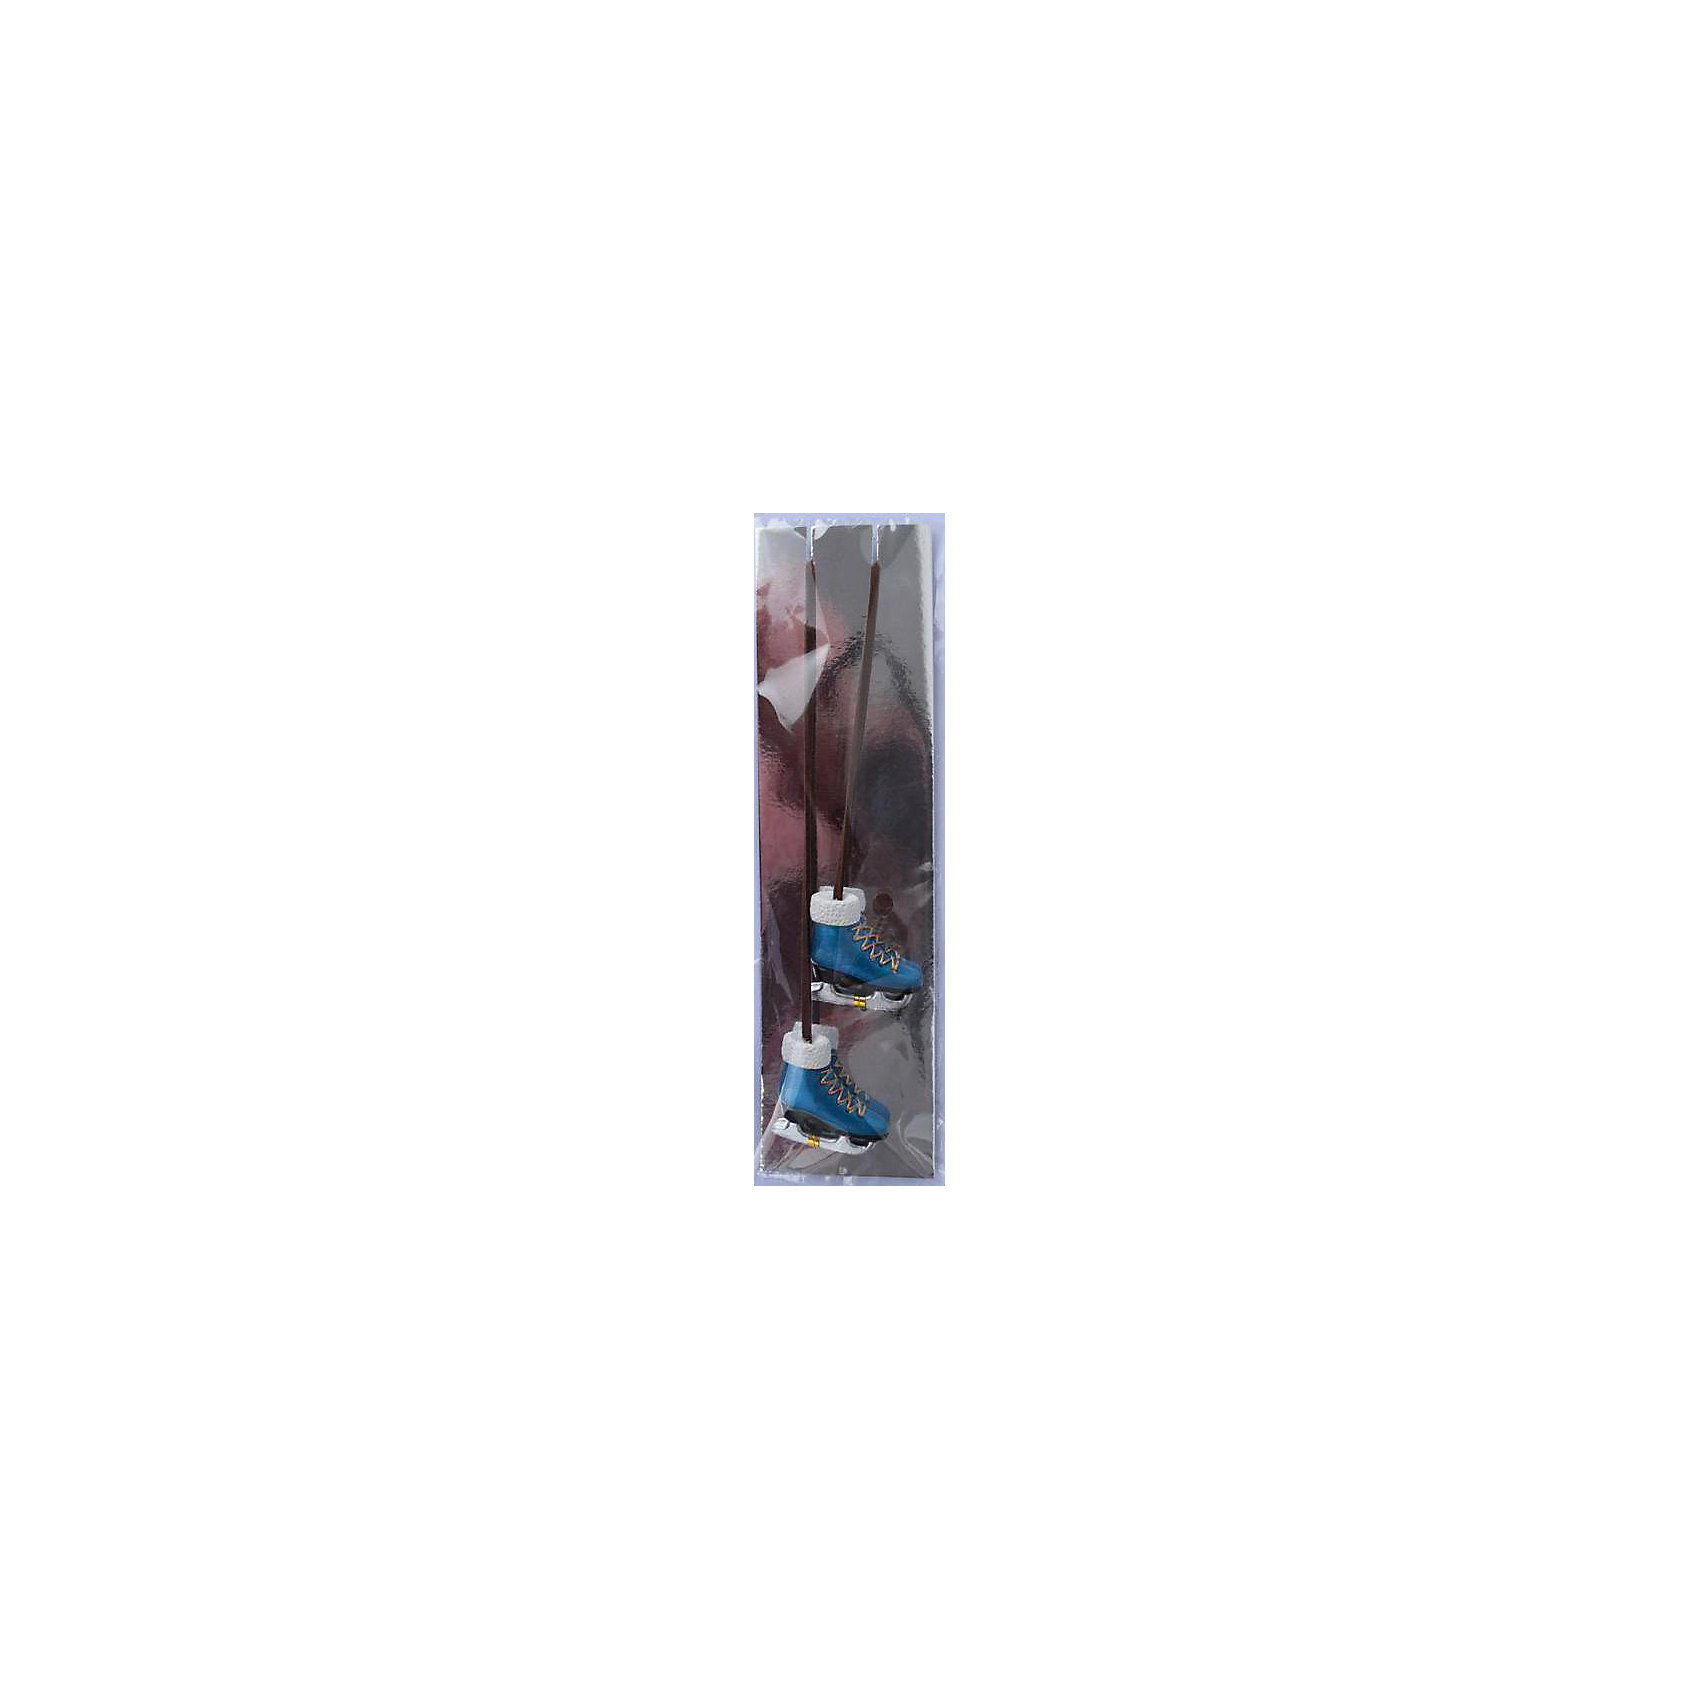 Magic Time Набор украшений Синие коньки 2 шт magic time набор украшений королевские ключи 2 шт